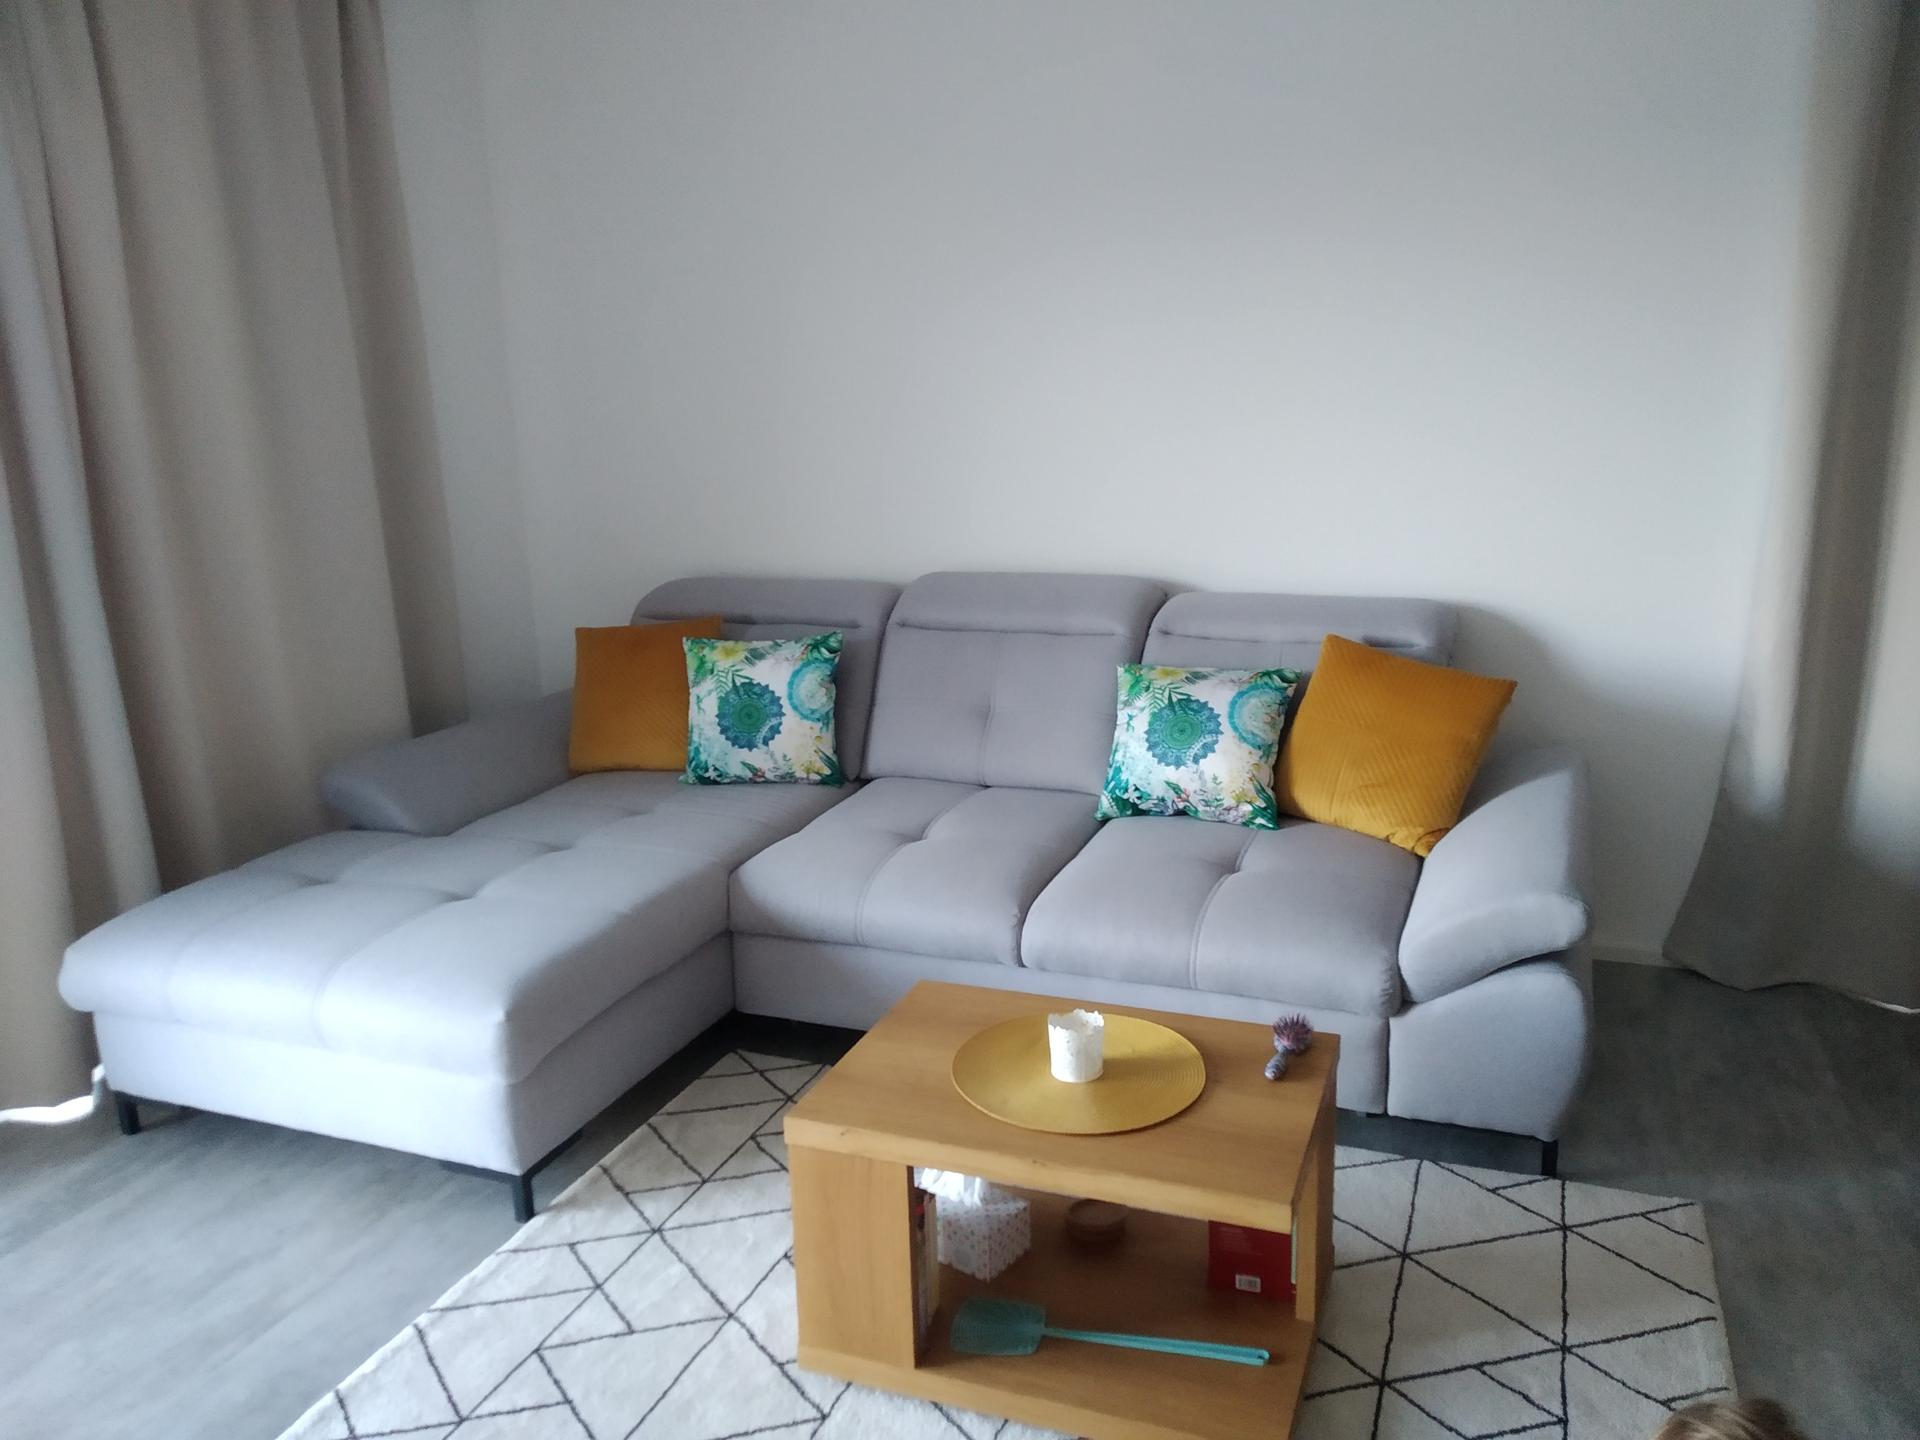 Hezký den, chtěla bych Vás poprosit o nápad, inspiraci jakou dekoraci použít nad gauč, chtěla sem tam dát černé nebo bílé rámečky s fotkama ale jistá si tím nejsem. 🙂 - Obrázek č. 1